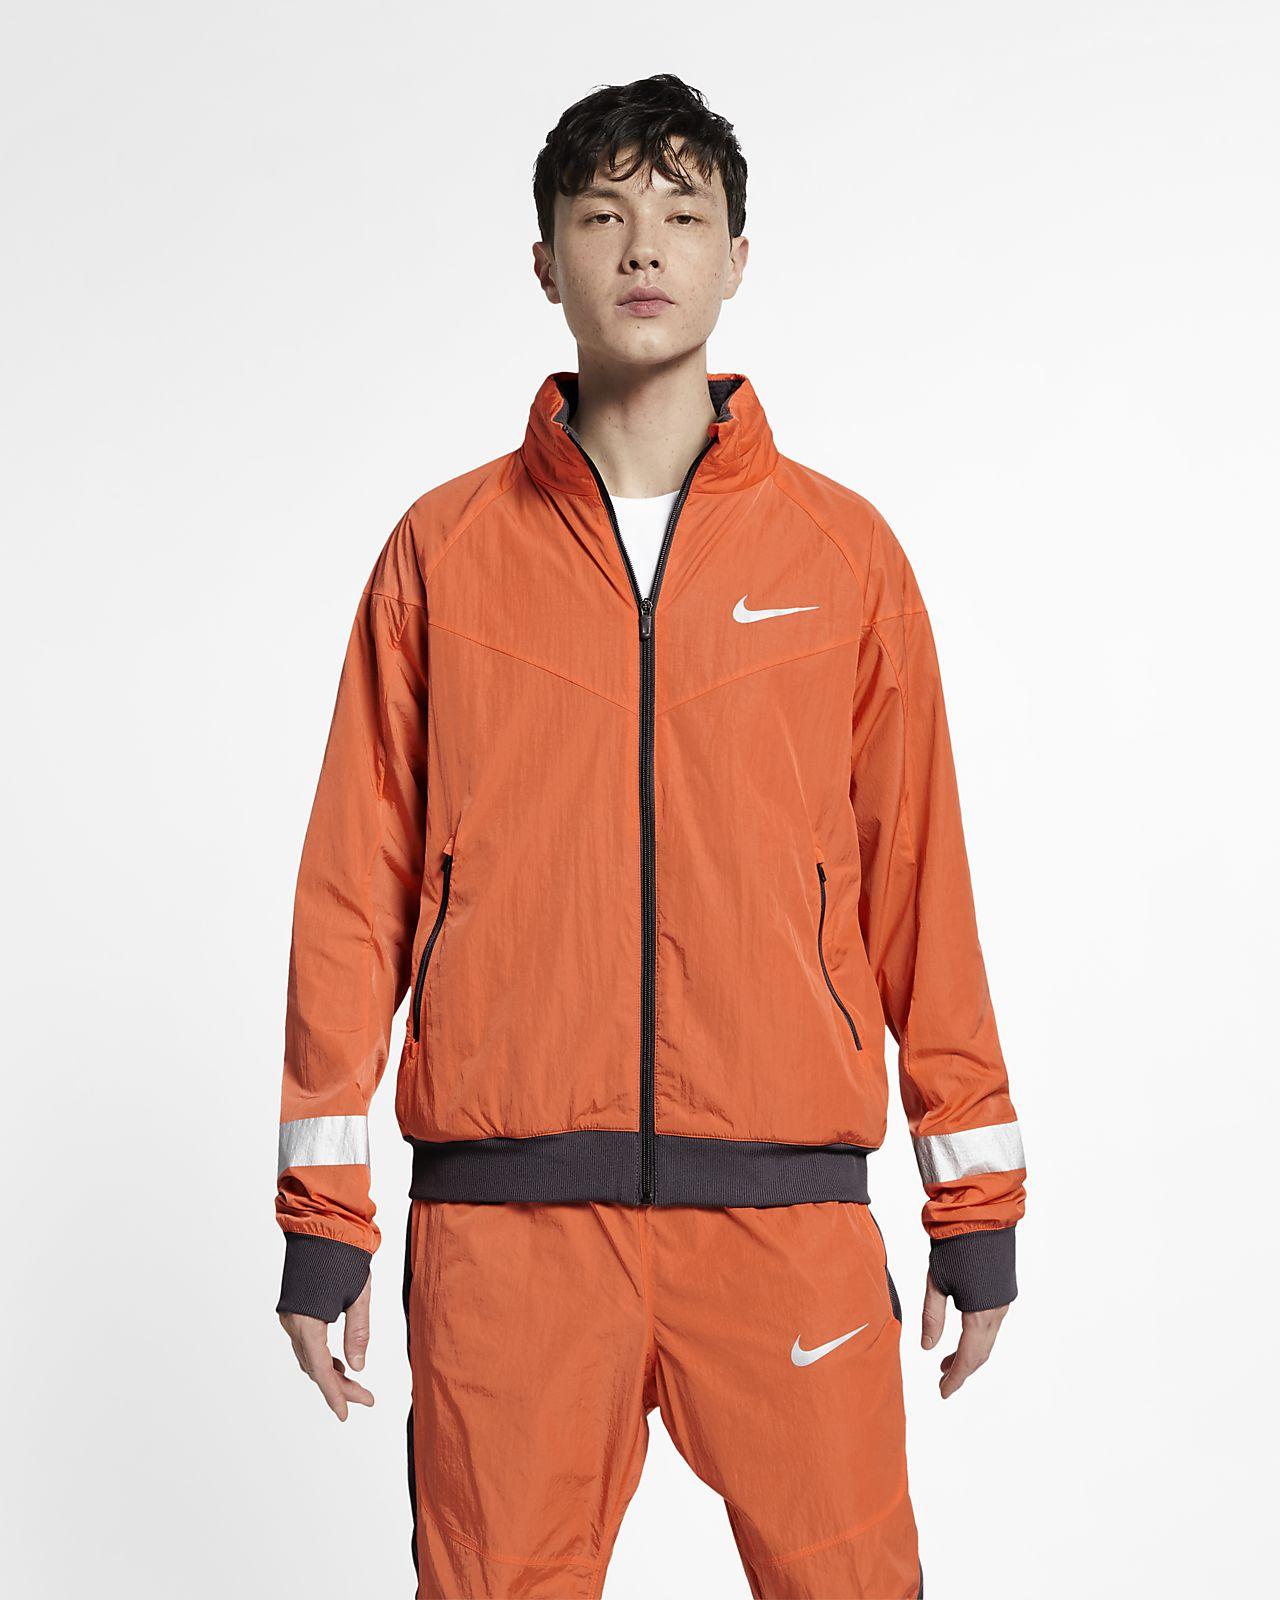 Nike Sphere treningsjakke til herre